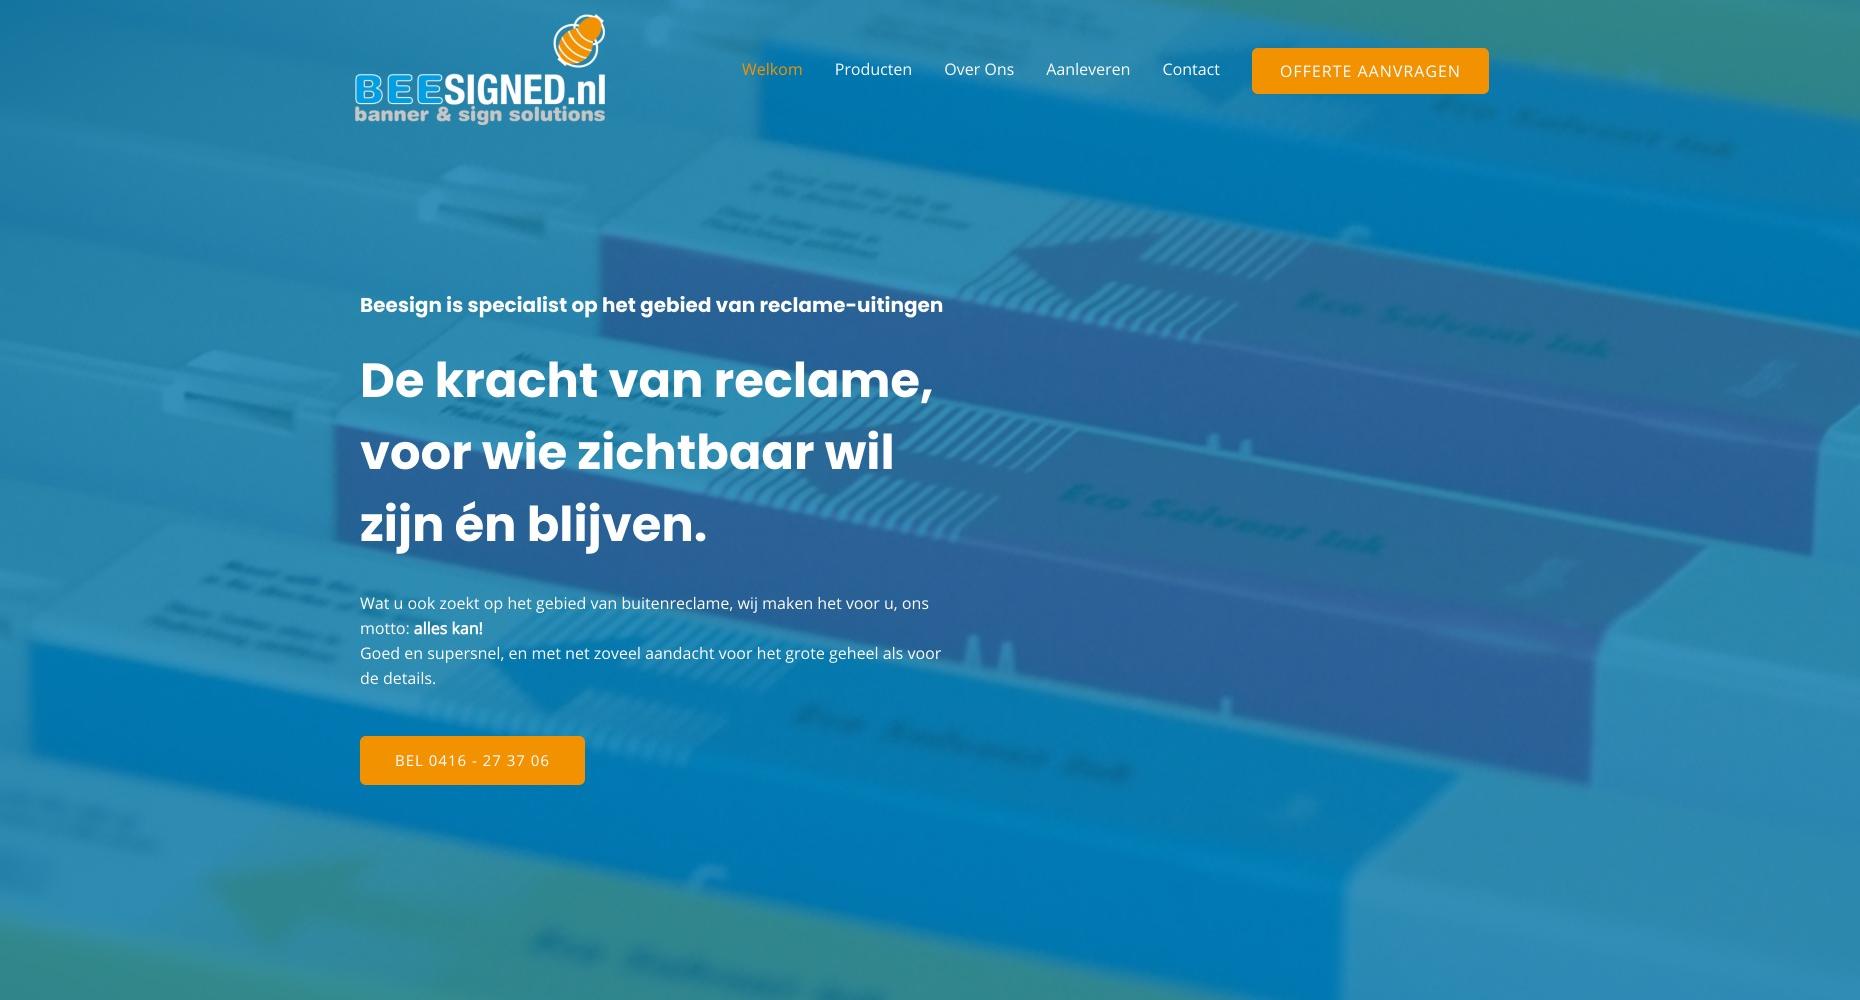 Nieuwe website voor Beesigned.nl